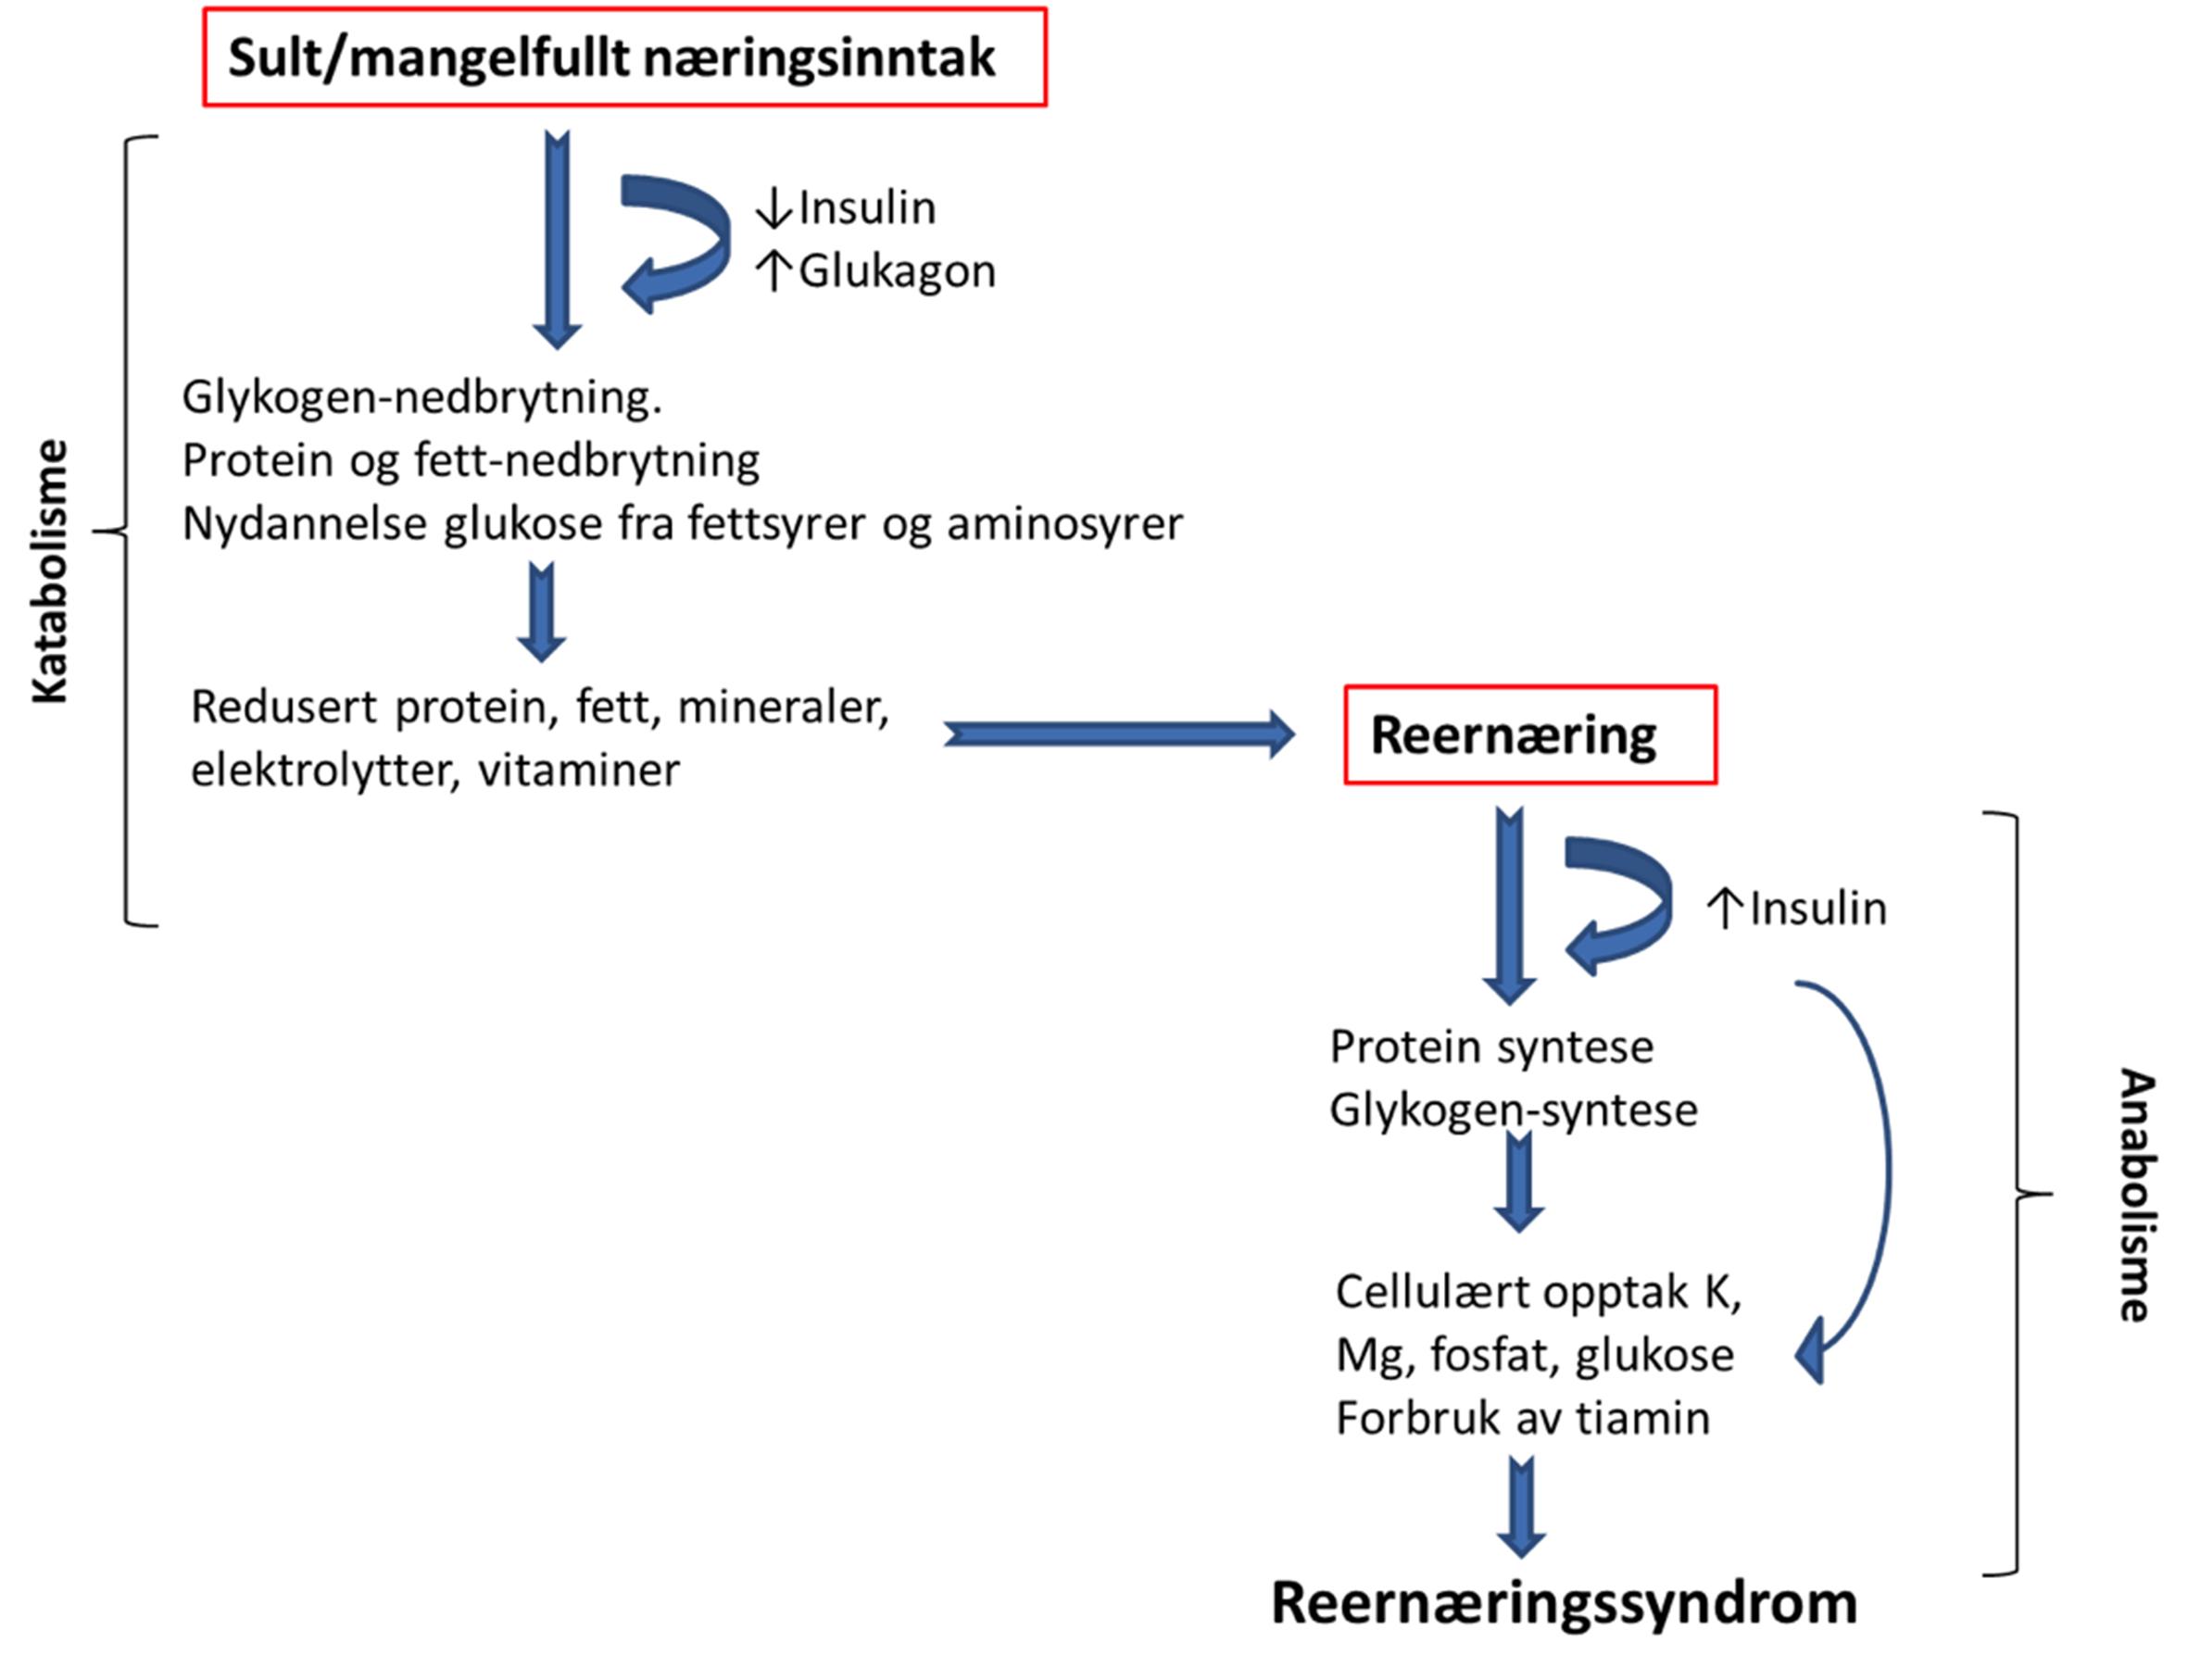 Figur 1. Patogenese for utvikling av reernæringssyndrom Reernæringssyndrom forårsakes av et raskt skifte fra katabol metabolisme (fettmetabolisme) til anabol metabolisme (karbohydratmetabolisme) med insulinsekresjon og påfølgende elektrolytt-skift fra ekstracellulært til intracellulært.